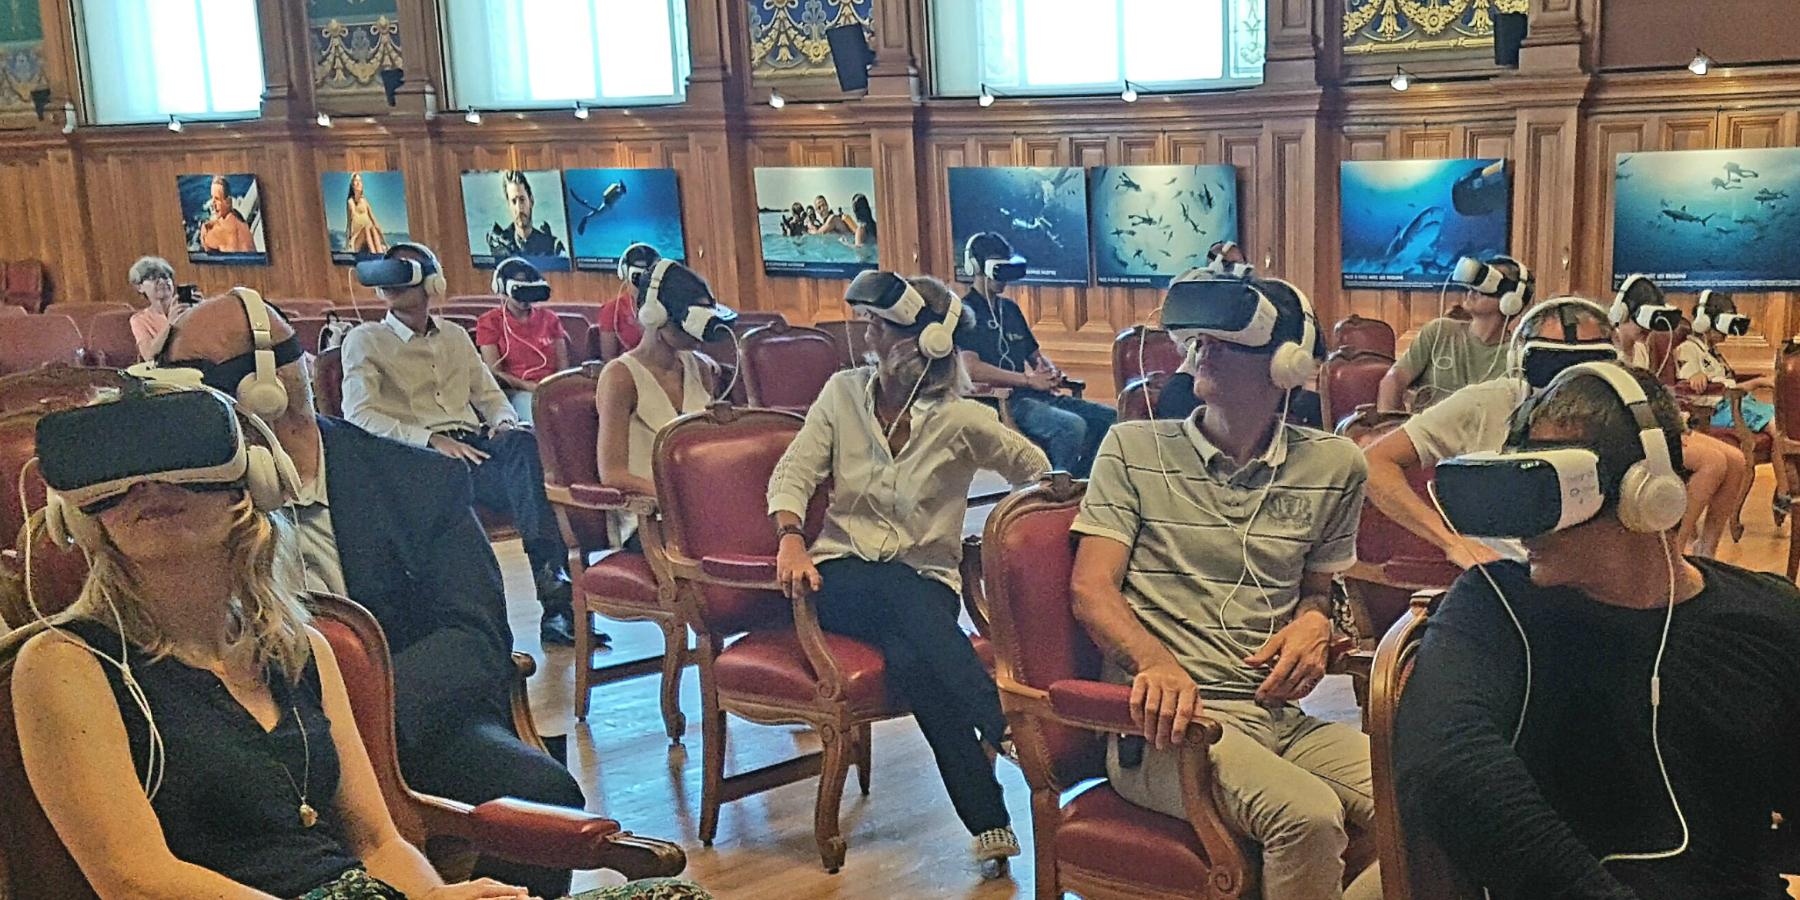 20160712 162944L - Immerseave 360°, nouvelle animation au musée océanographique de Monaco